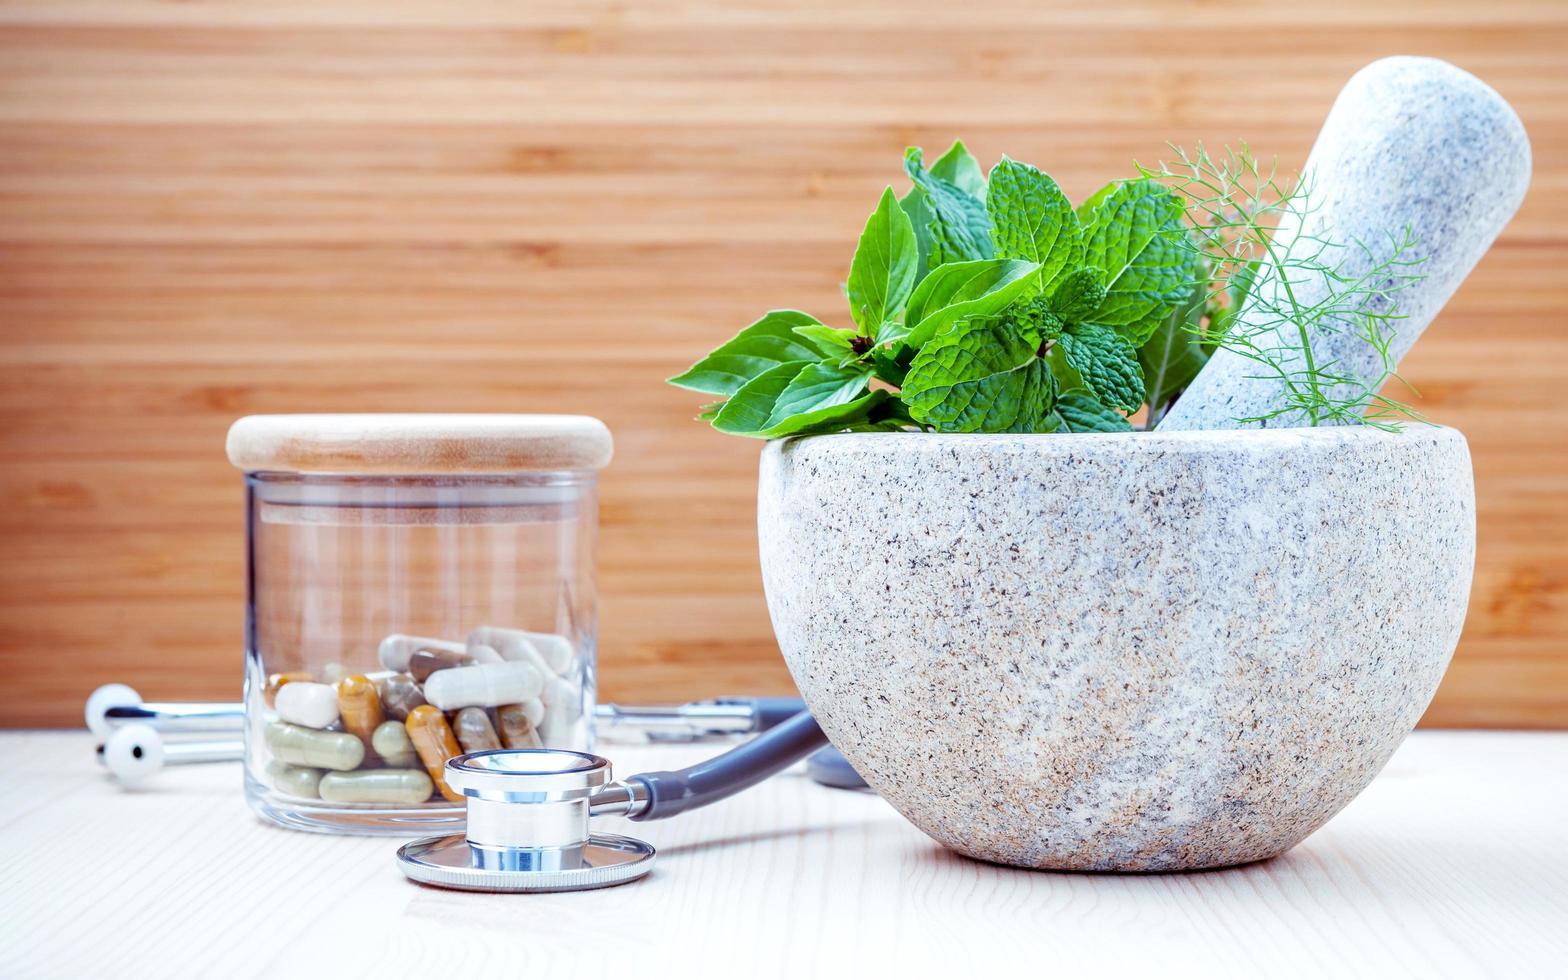 medicina alternativa a base de hierbas foto